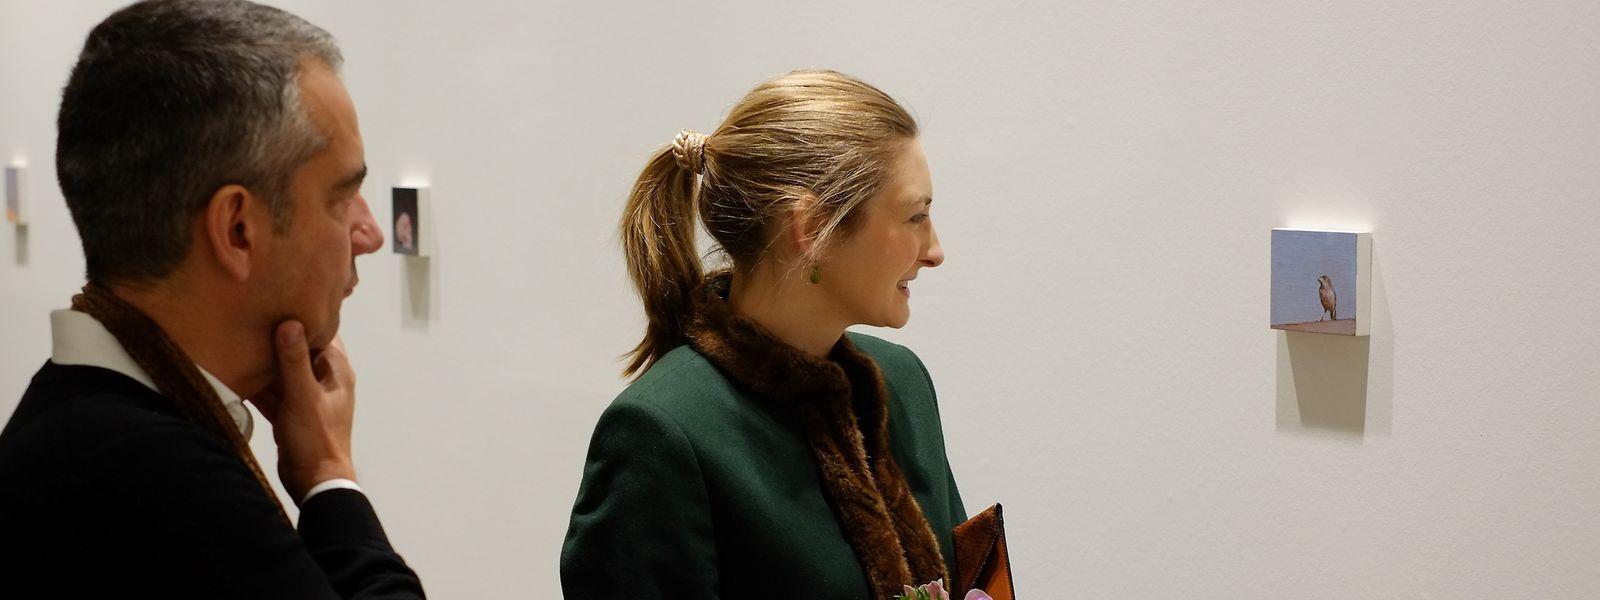 Stéphanie visitou o Centro Cultural Português acompanhada pelo autor da exposição, Miguel Branco.